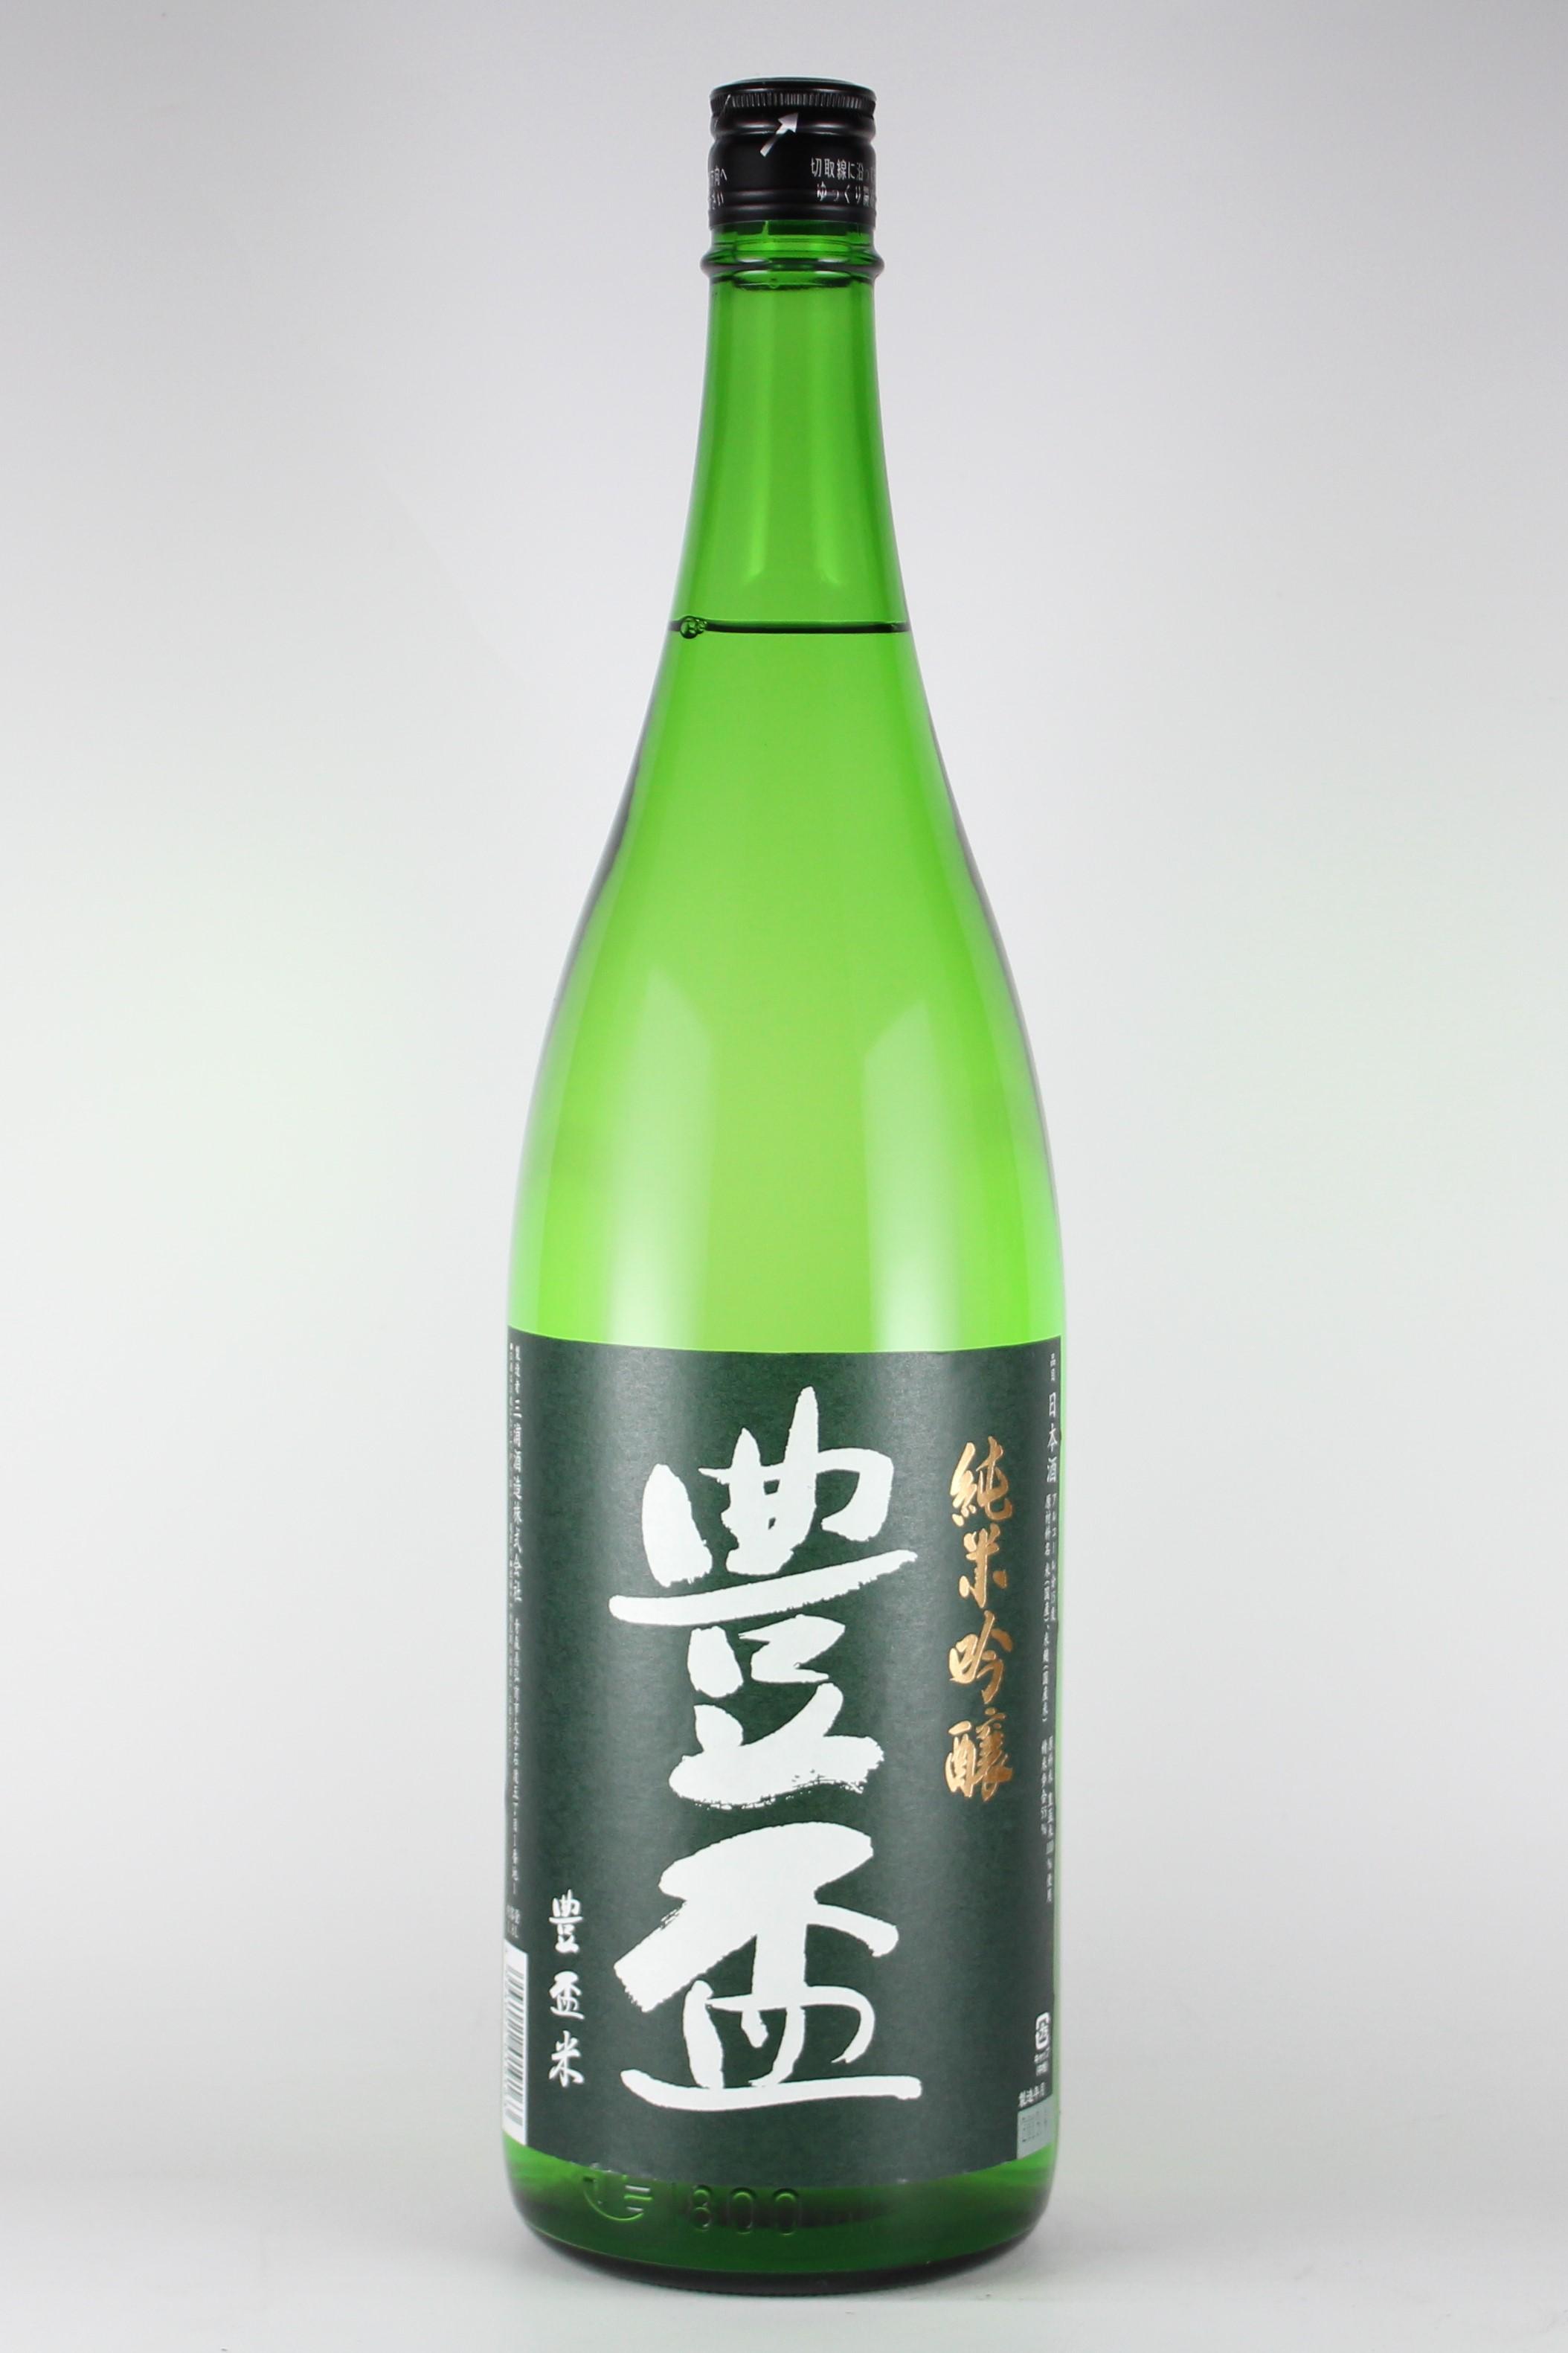 豊盃 純米吟醸 豊盃米 1800ml 【青森/三浦酒造】